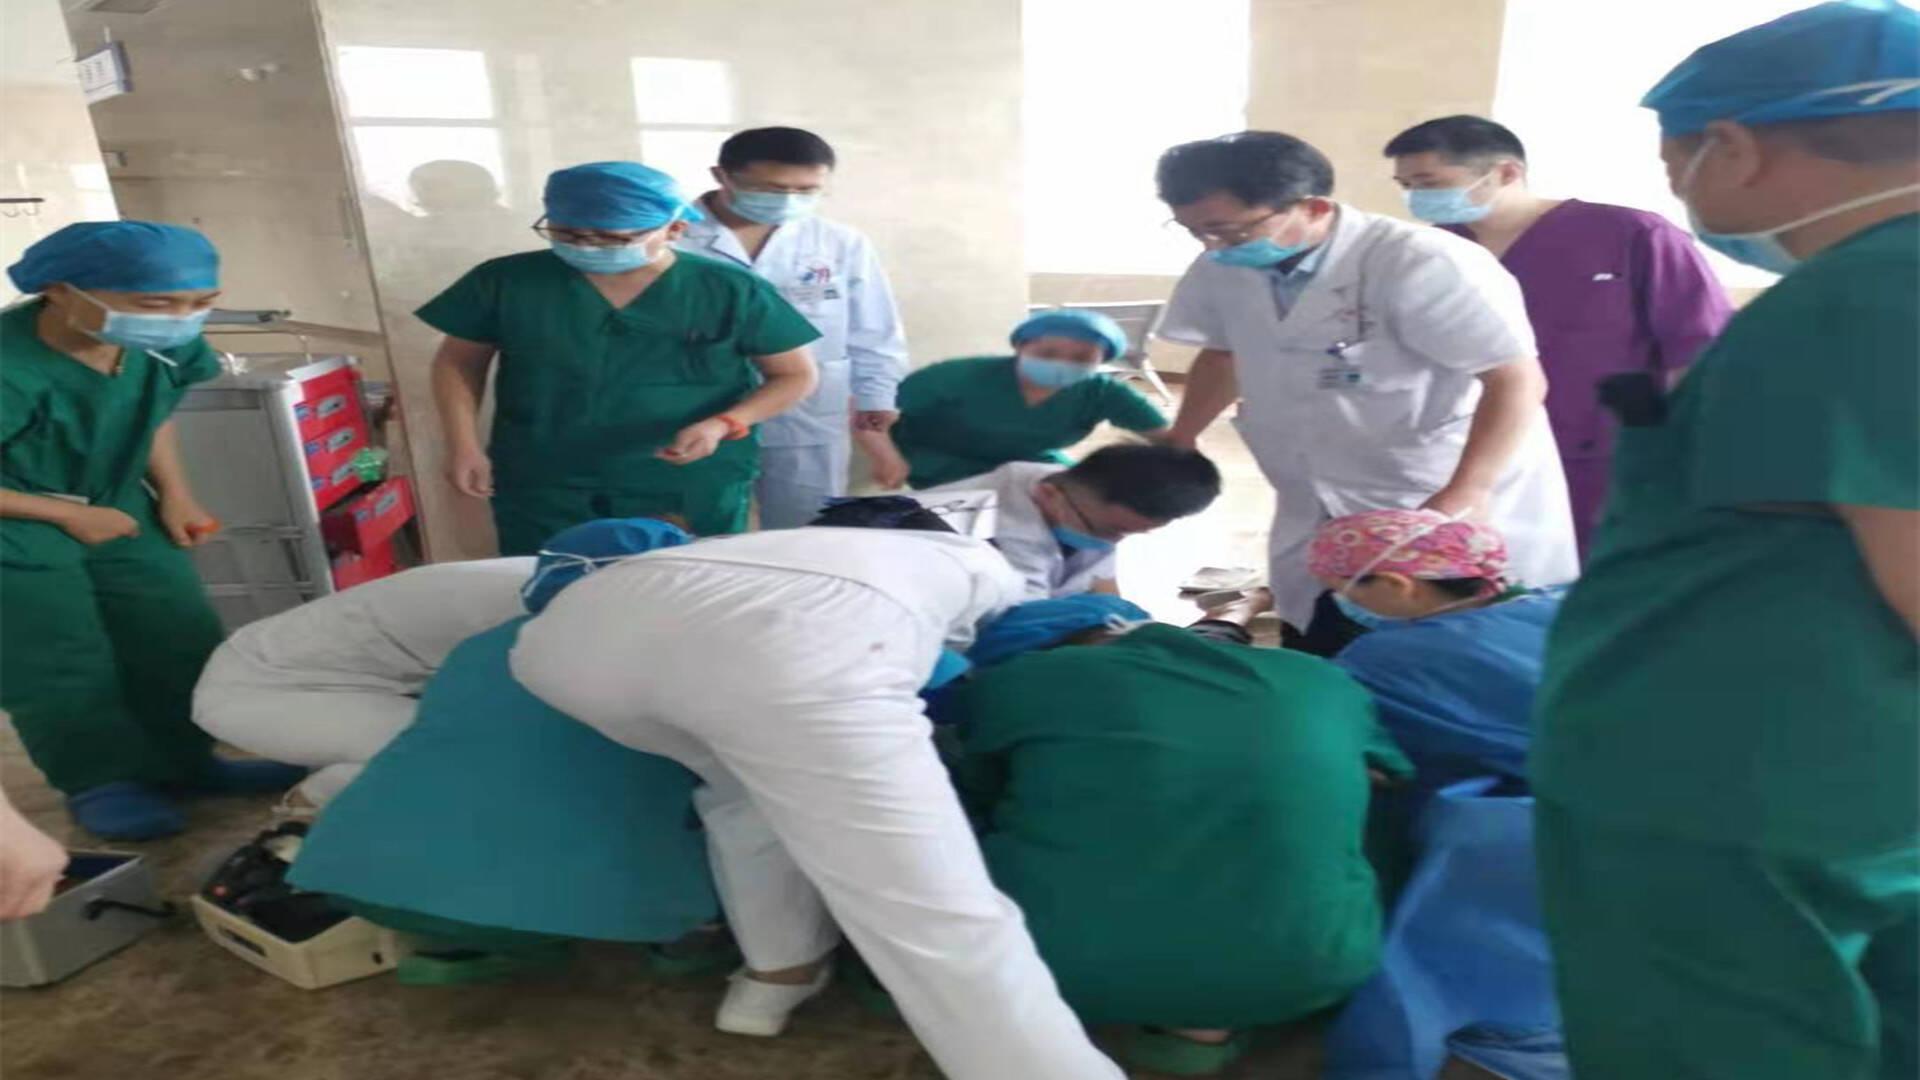 10分钟生死急救!男子医院内倒地心脏骤停 20余名医护出手